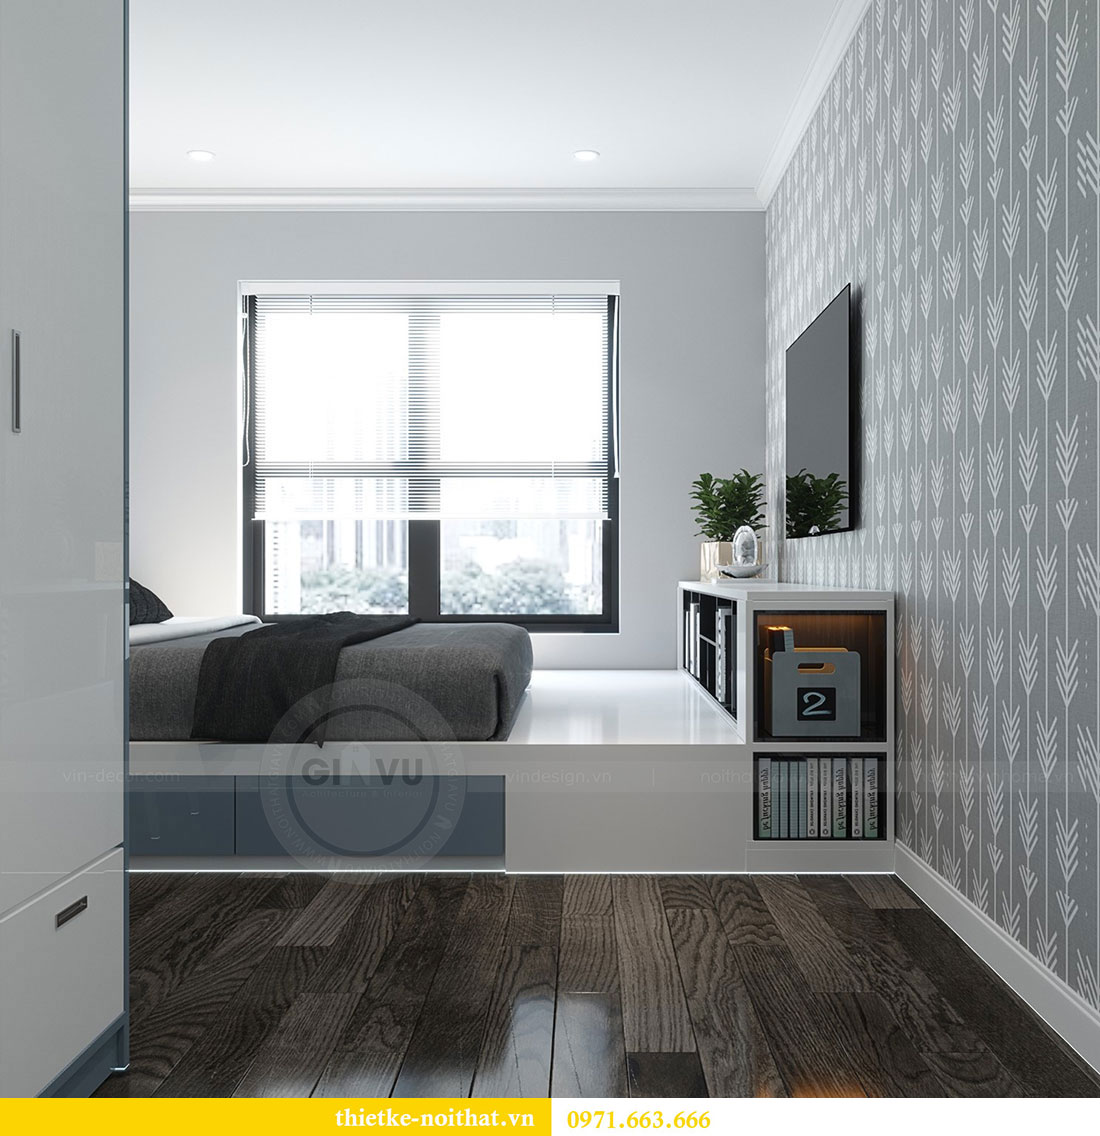 Thiết kế chung cư Vinhomes D Capitale căn 07 tòa C1 - Anh Khương 10